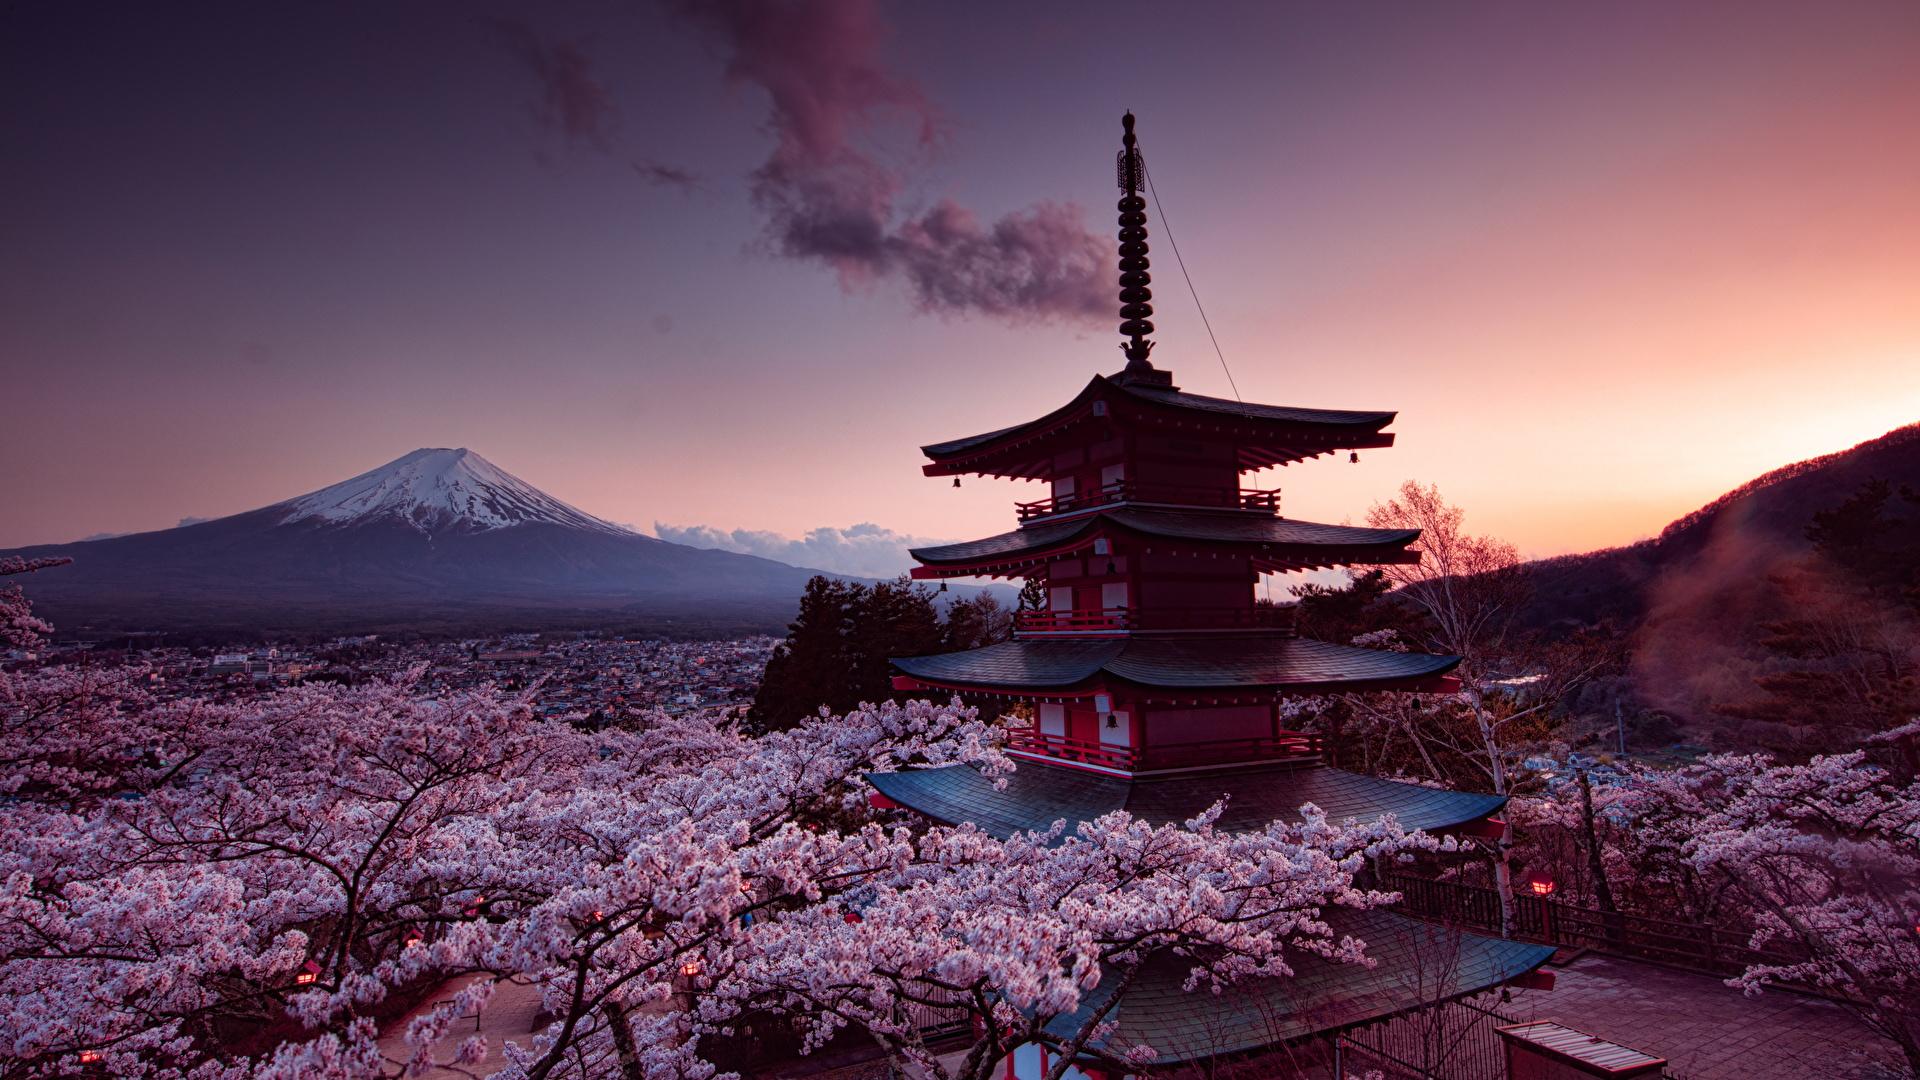 Japon, Asia, viajes de aventura, viajes alternativos, turismo responsable, viajes en grupo, viajar en grupo, viajar sola, viajar solo